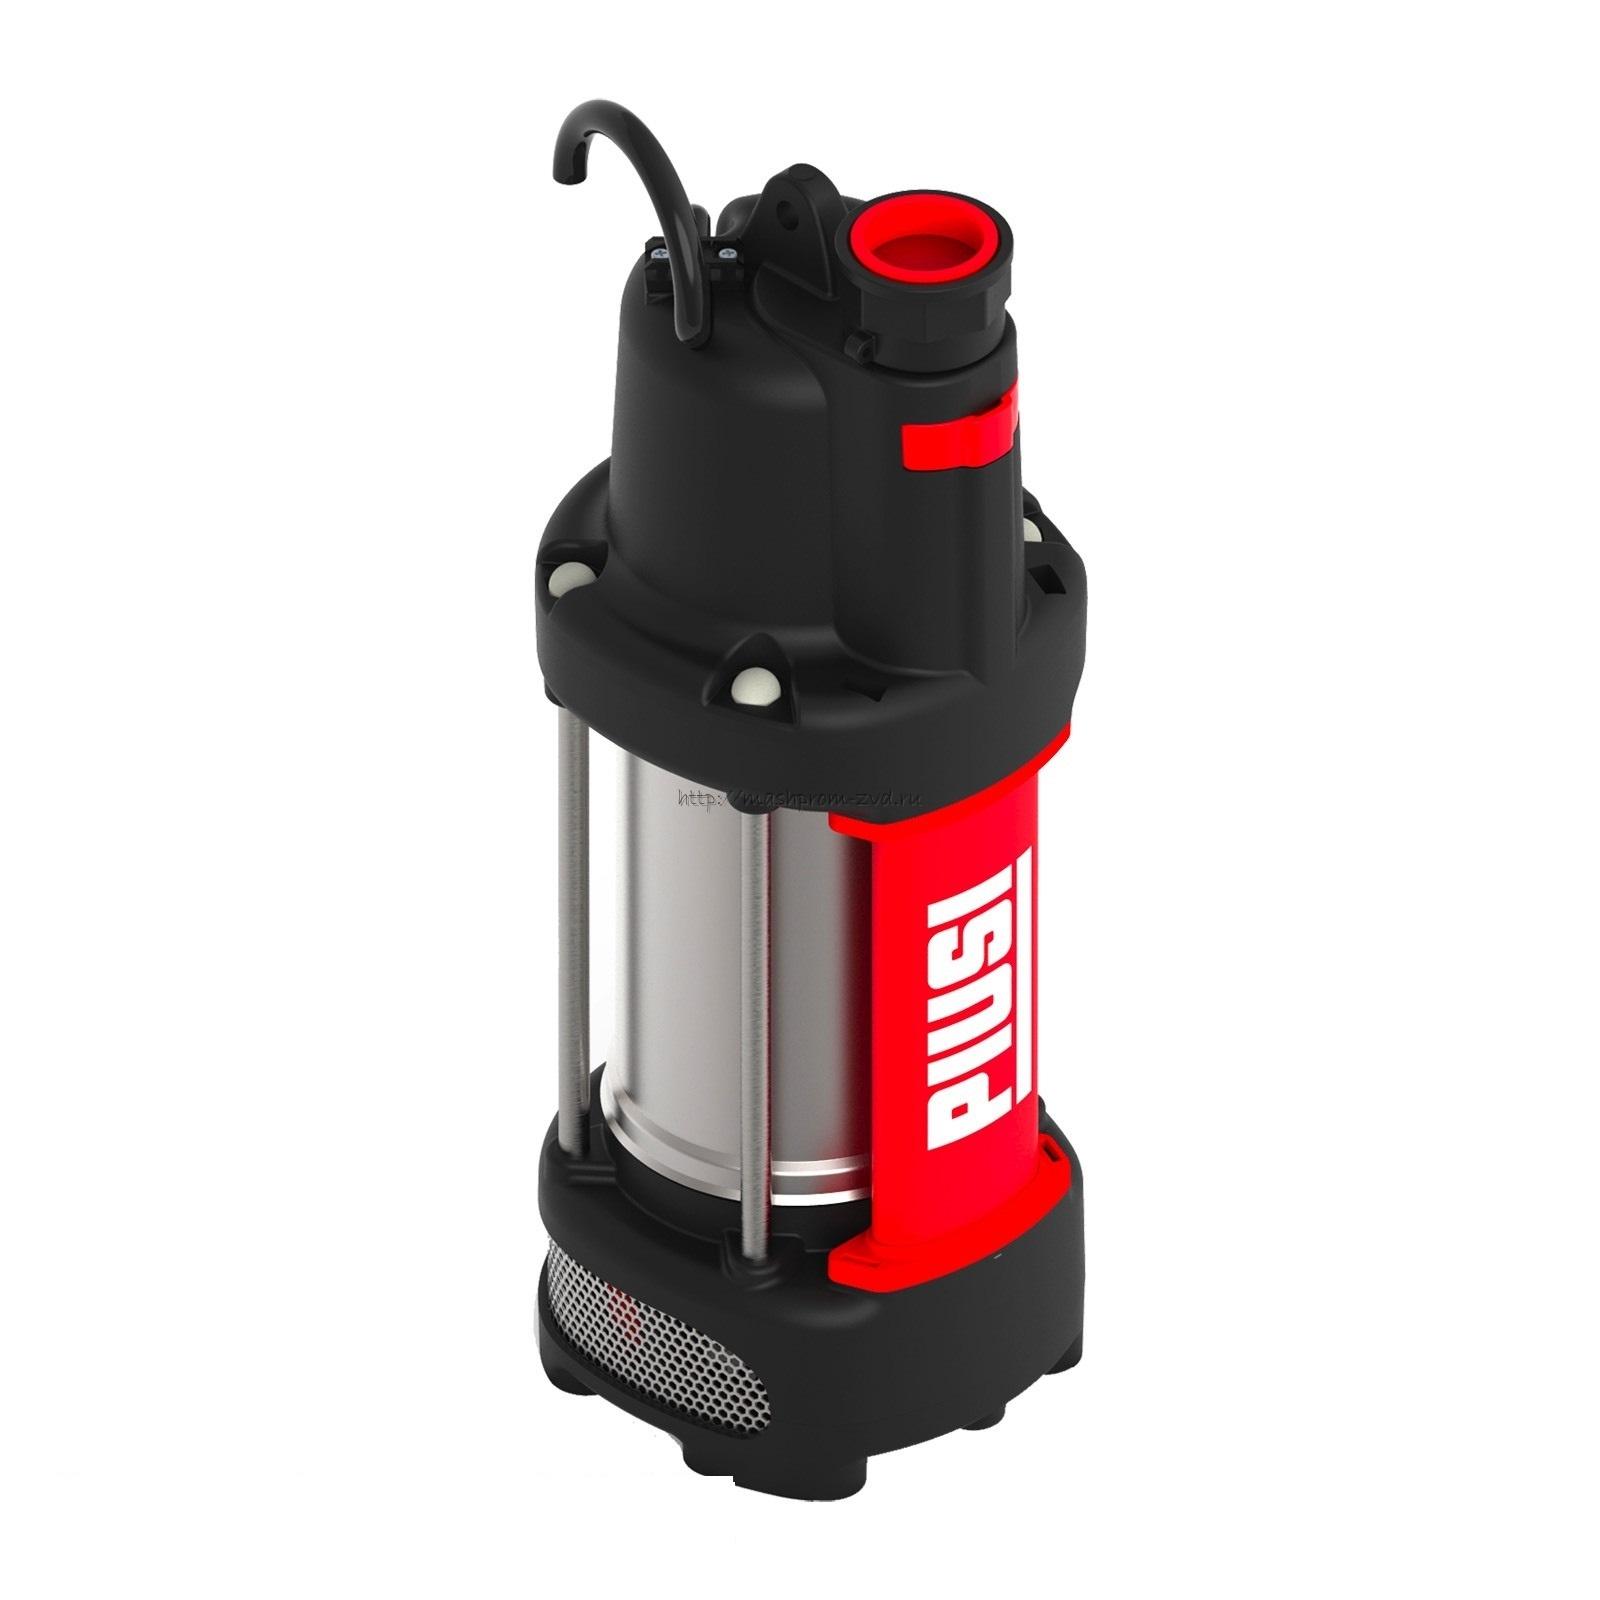 SQUALO 35 230/50 TIMER арт. F00206020 - погружной электронасос для AdBlue, воды, 35 л/мин